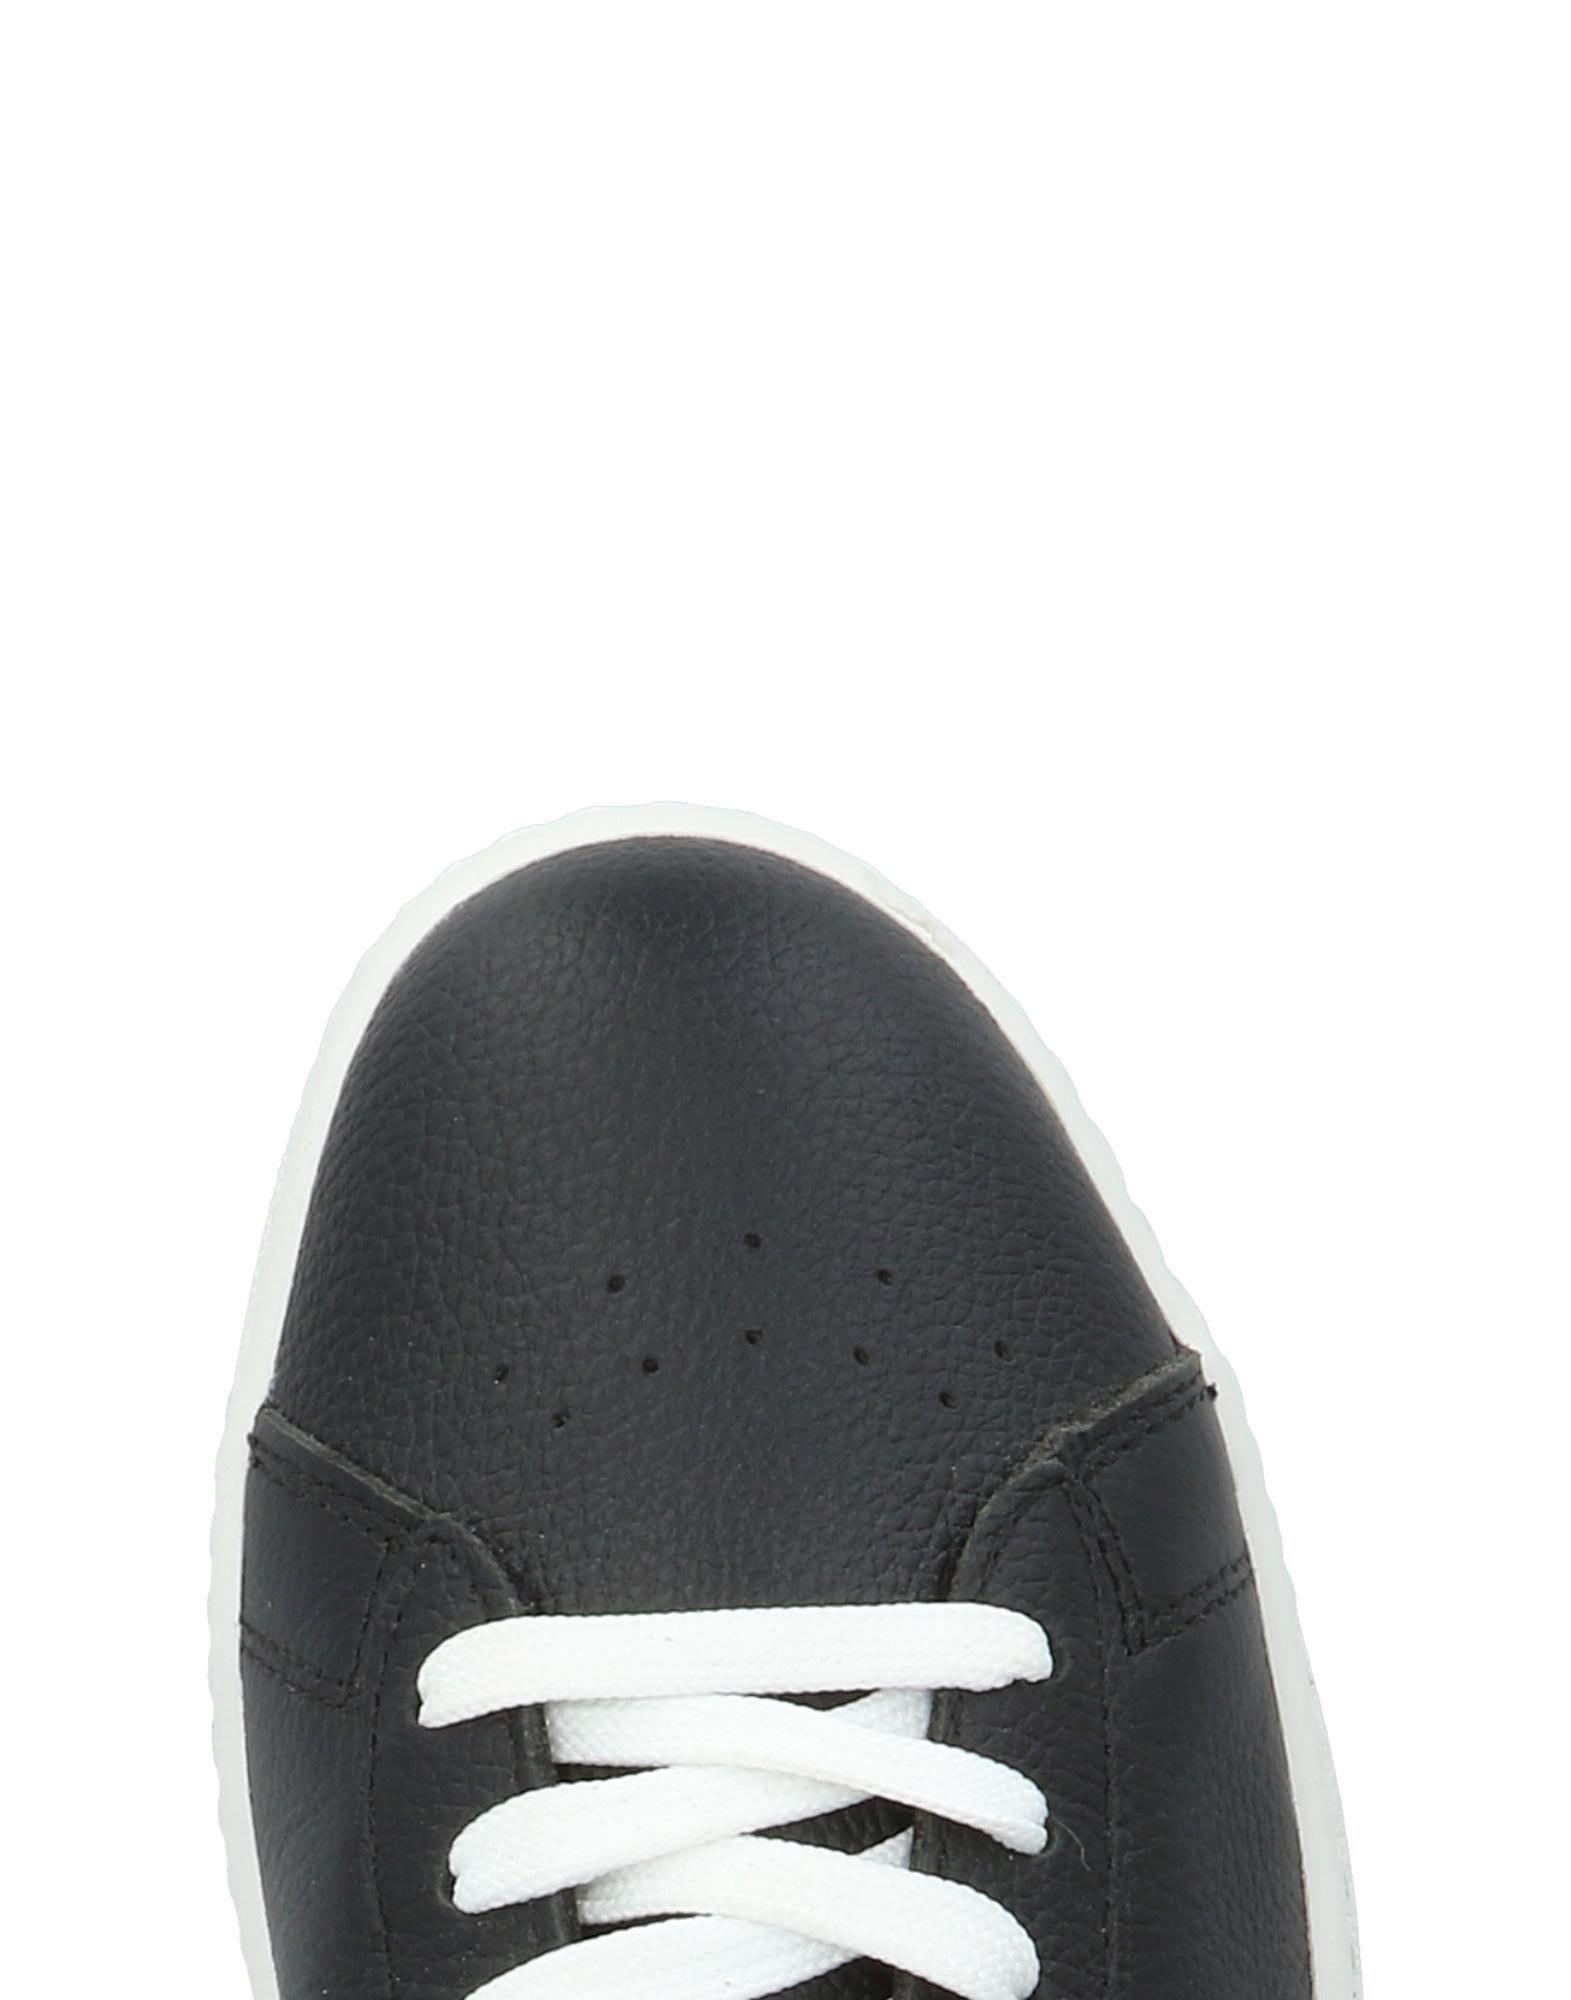 11496564JL Diadora Sneakers Herren  11496564JL  0ad2e3